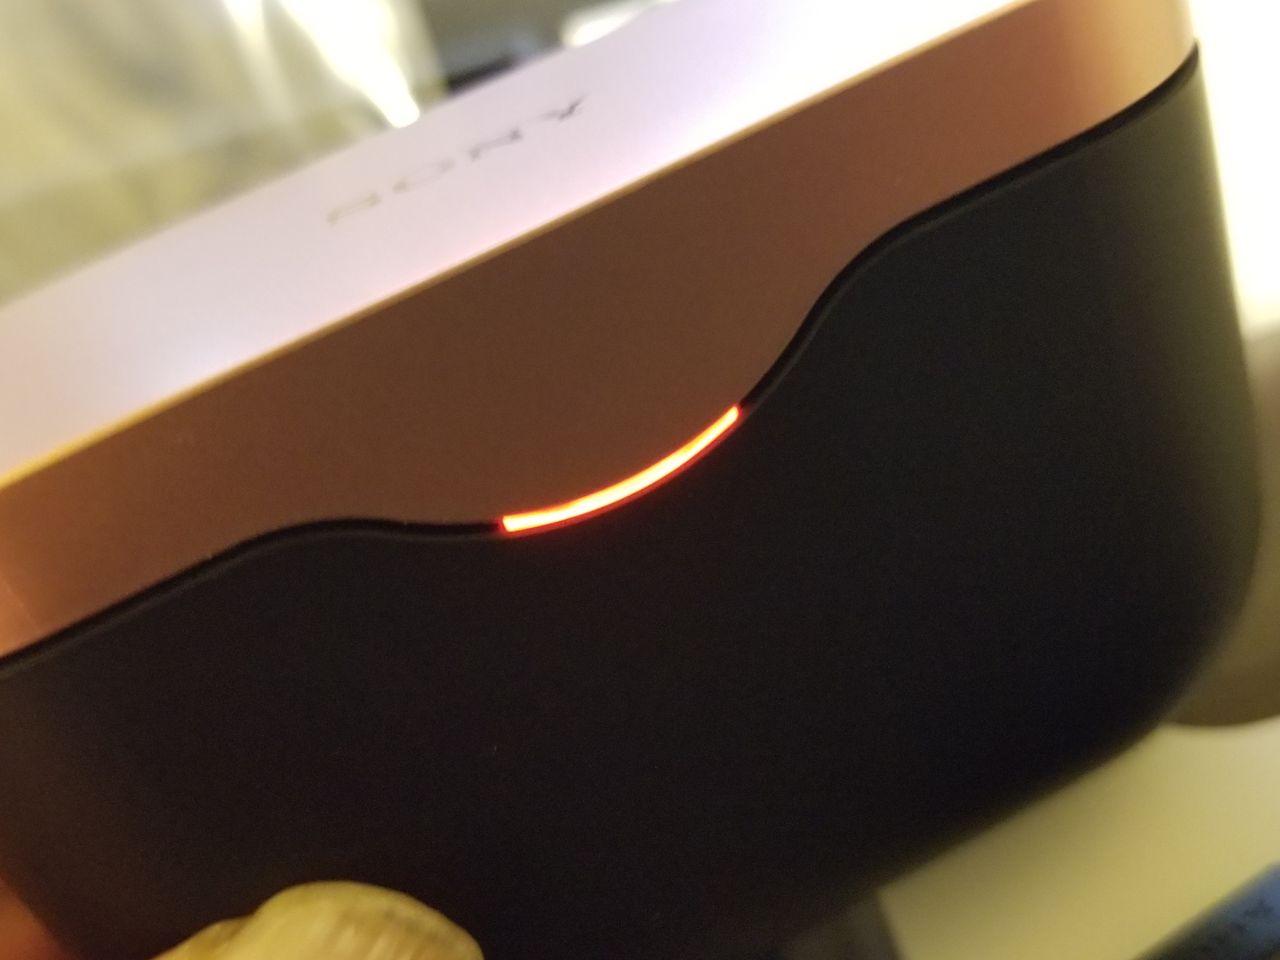 ワイヤレスイヤホン ソニー SONY ワイヤレスノイズキャンセリングイヤホン WF-1000XM3  _184555